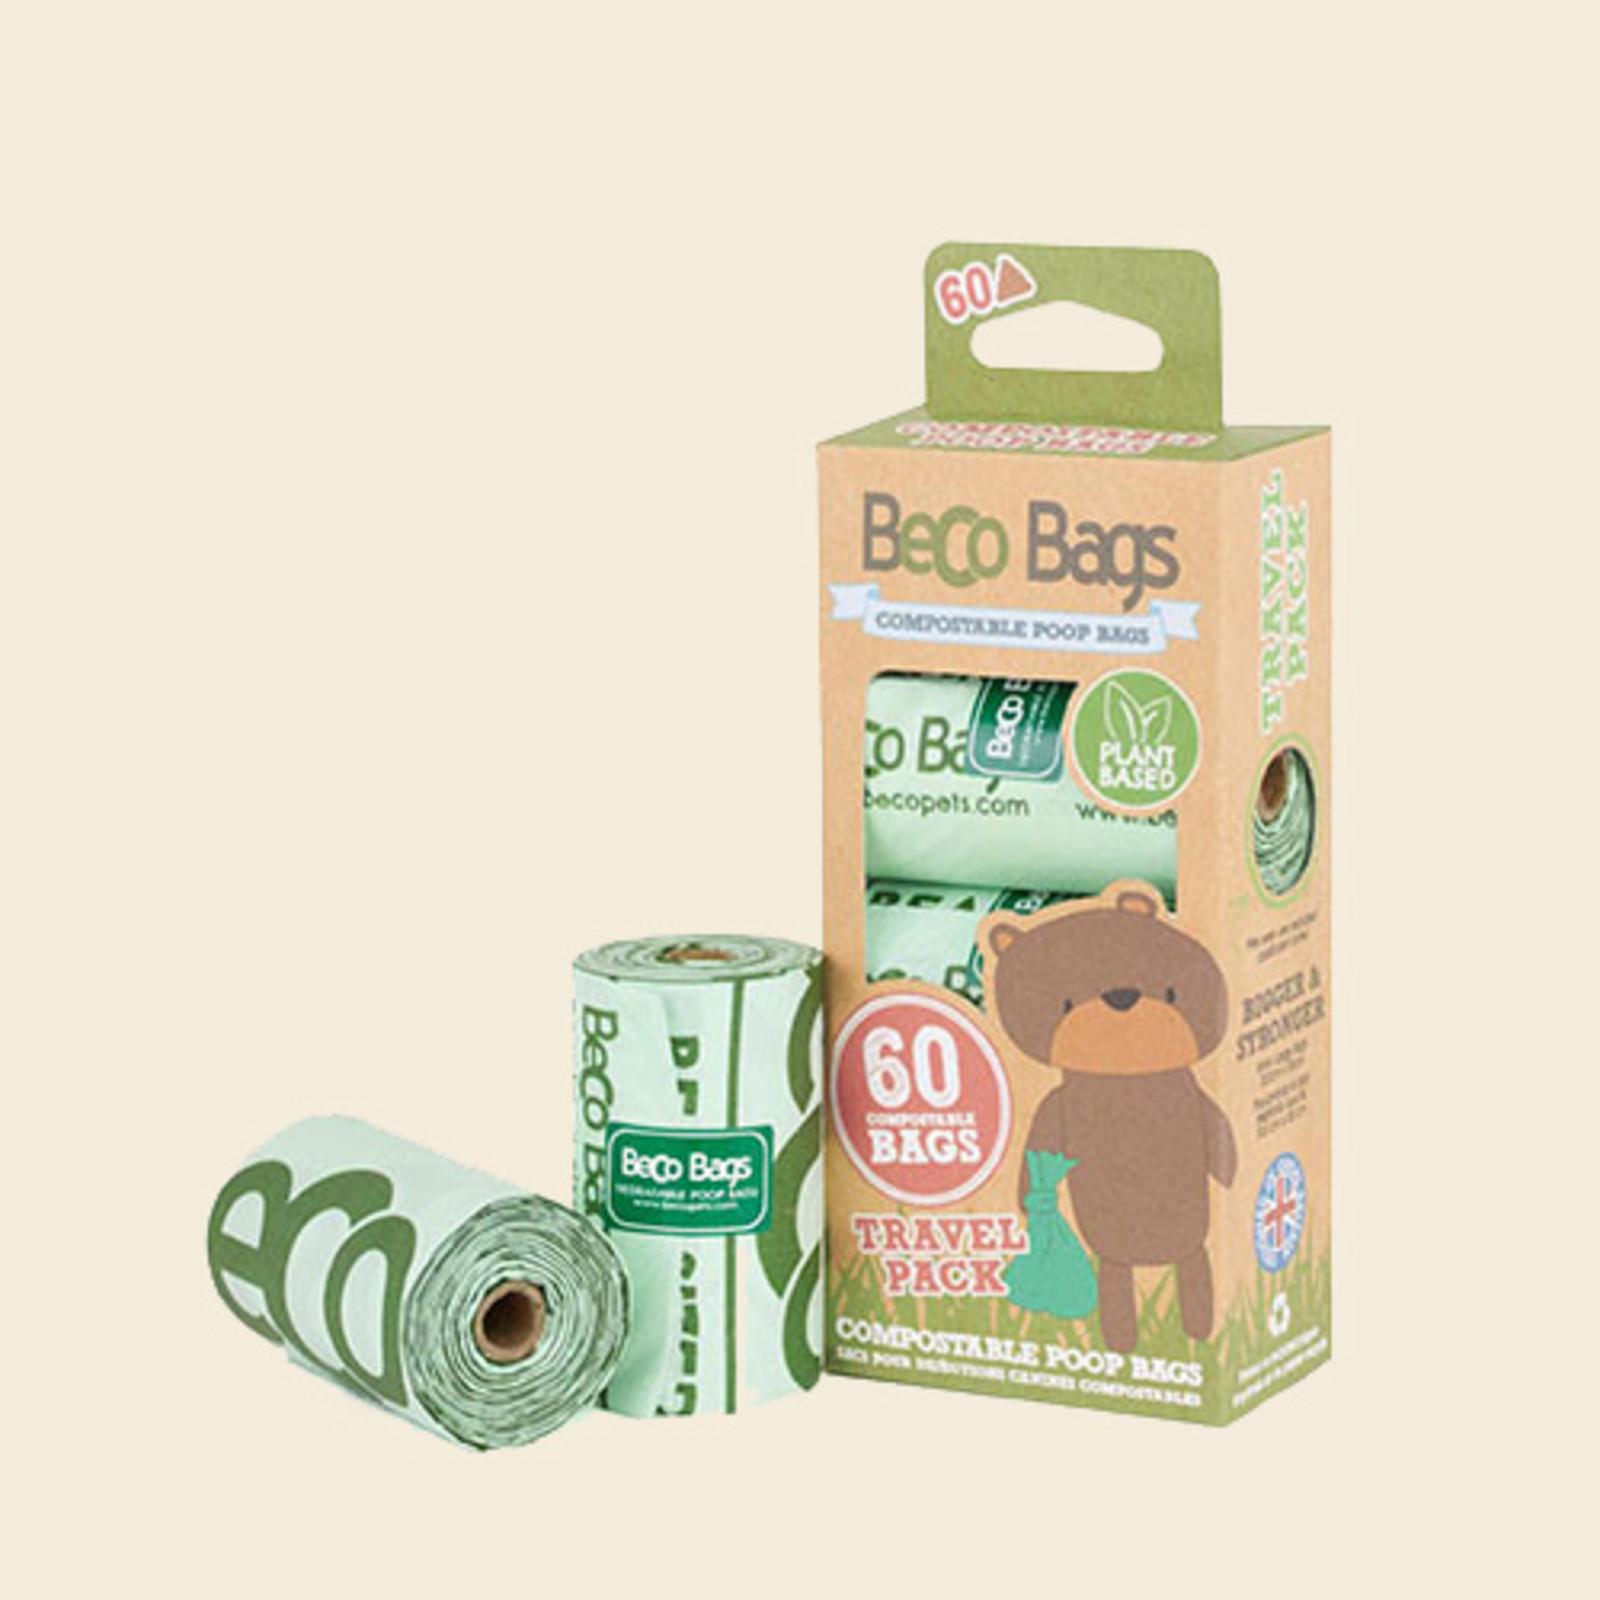 Beco Bags | Milieuvriendelijke Poepzakjes | Composteerbaar